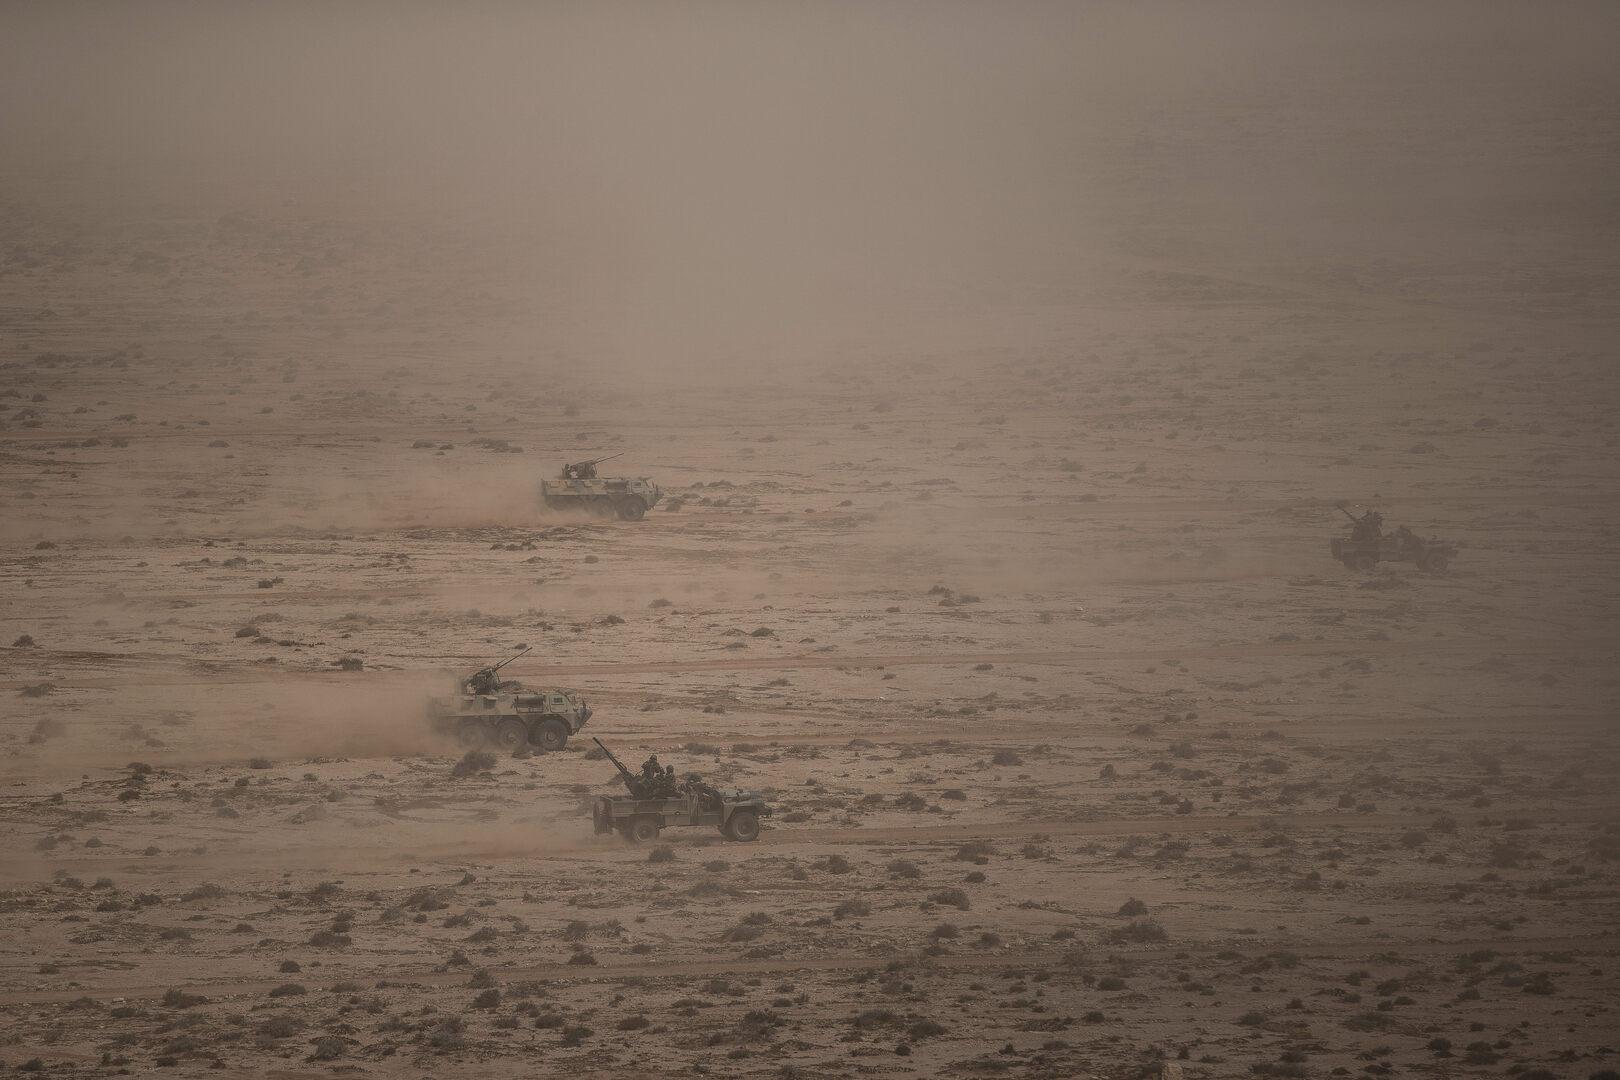 اختتام مناورات عسكرية بقيادة أمريكية في المغرب (صور)